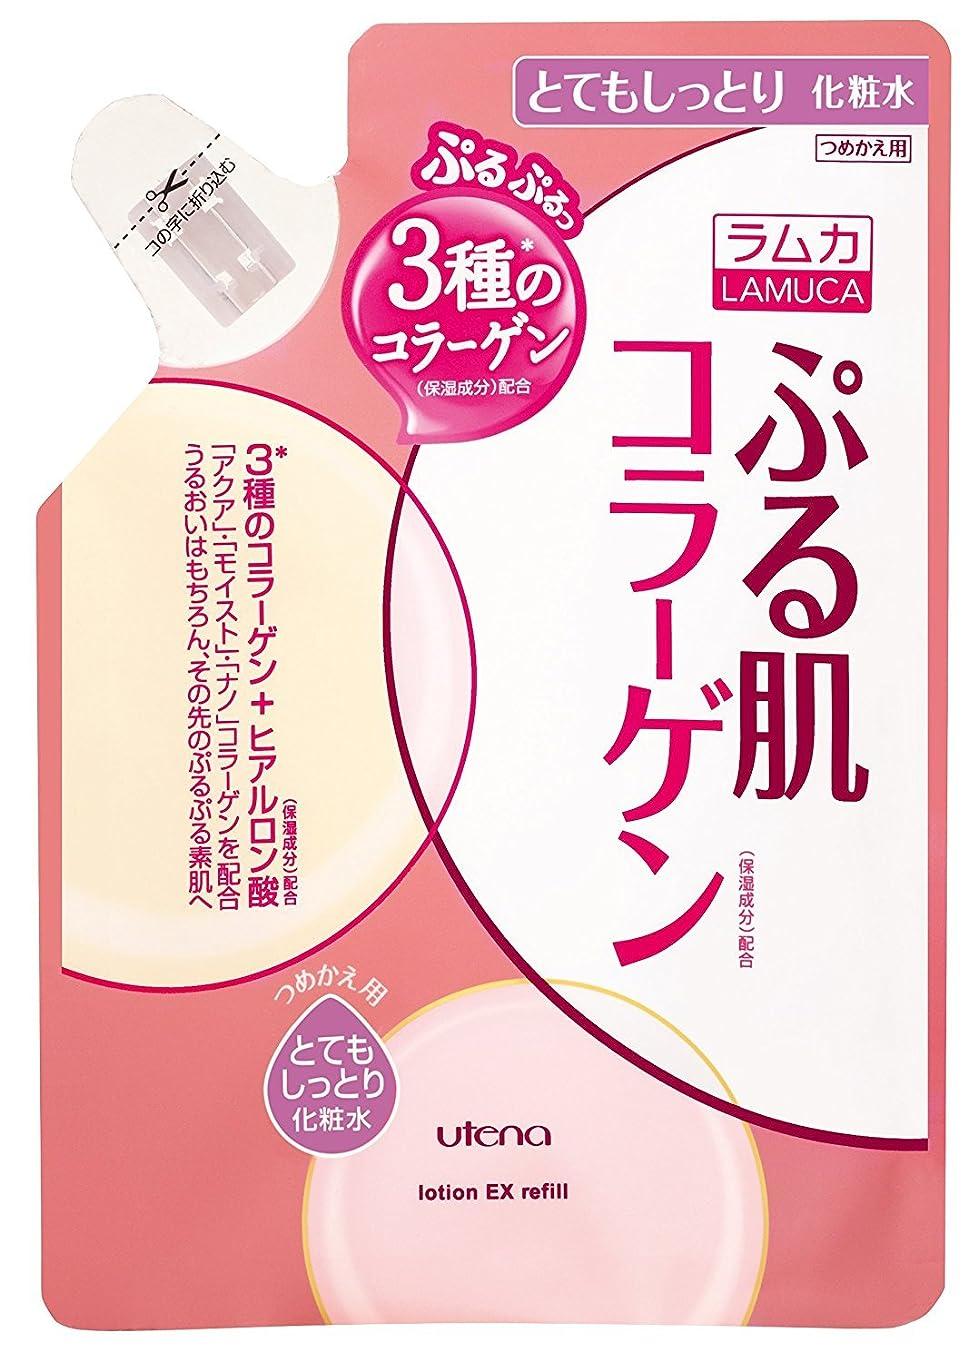 と遊ぶ歯痛寄付する【ウテナ】ラムカ ぷる肌化粧水 とてもしっとり つめかえ用 180ml ×20個セット